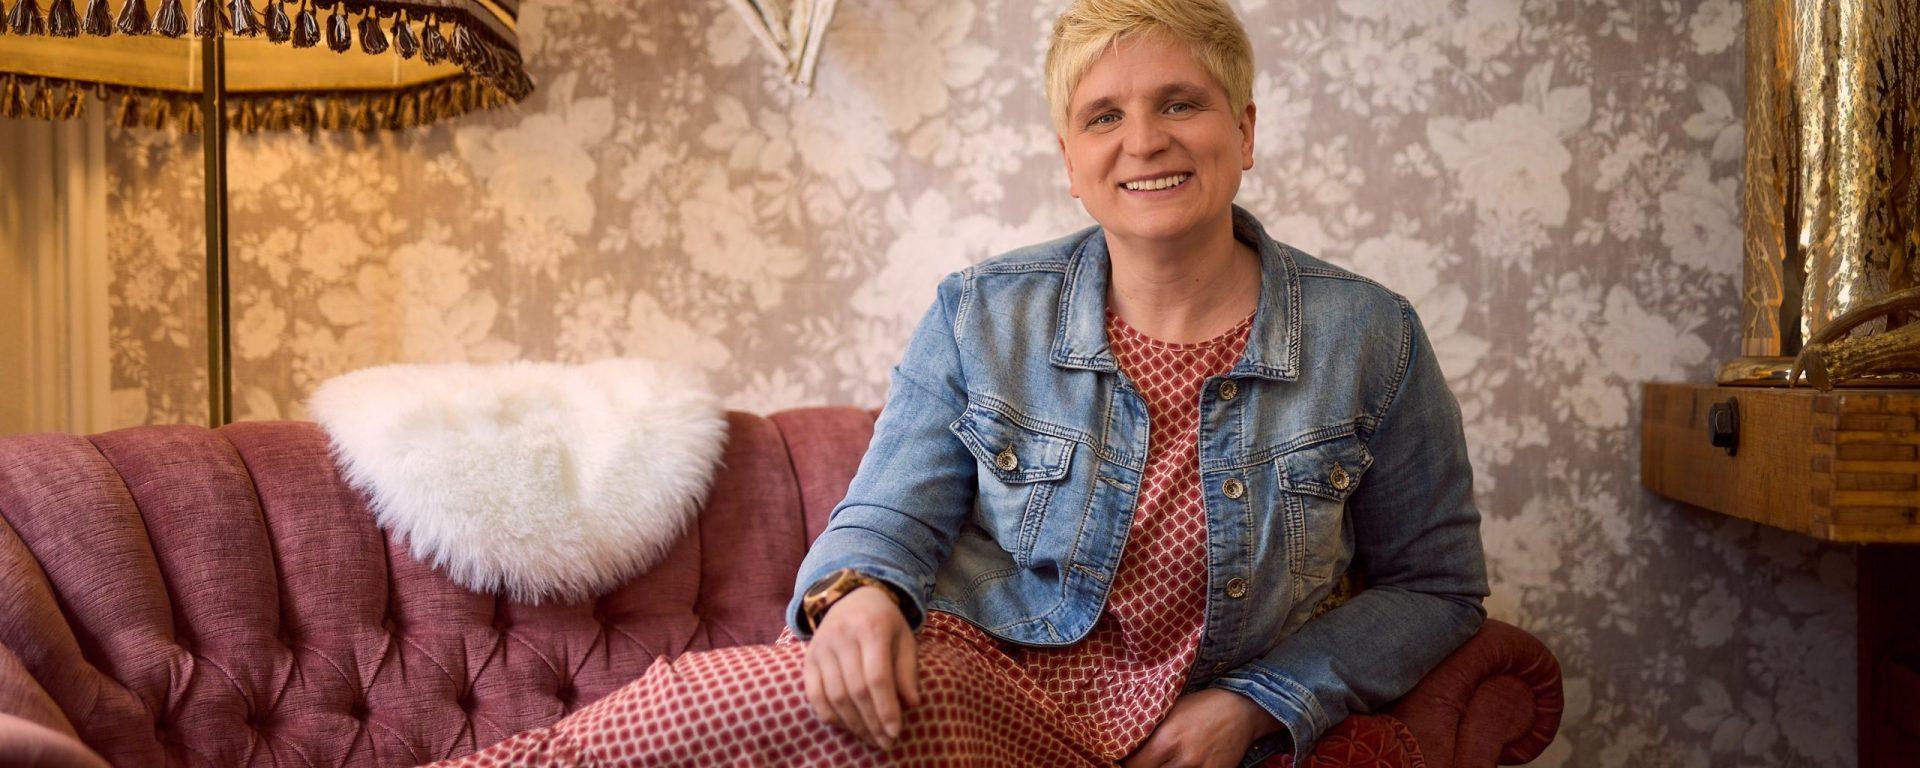 Doreen Mildner vom Blumencafé Blütenzauber.